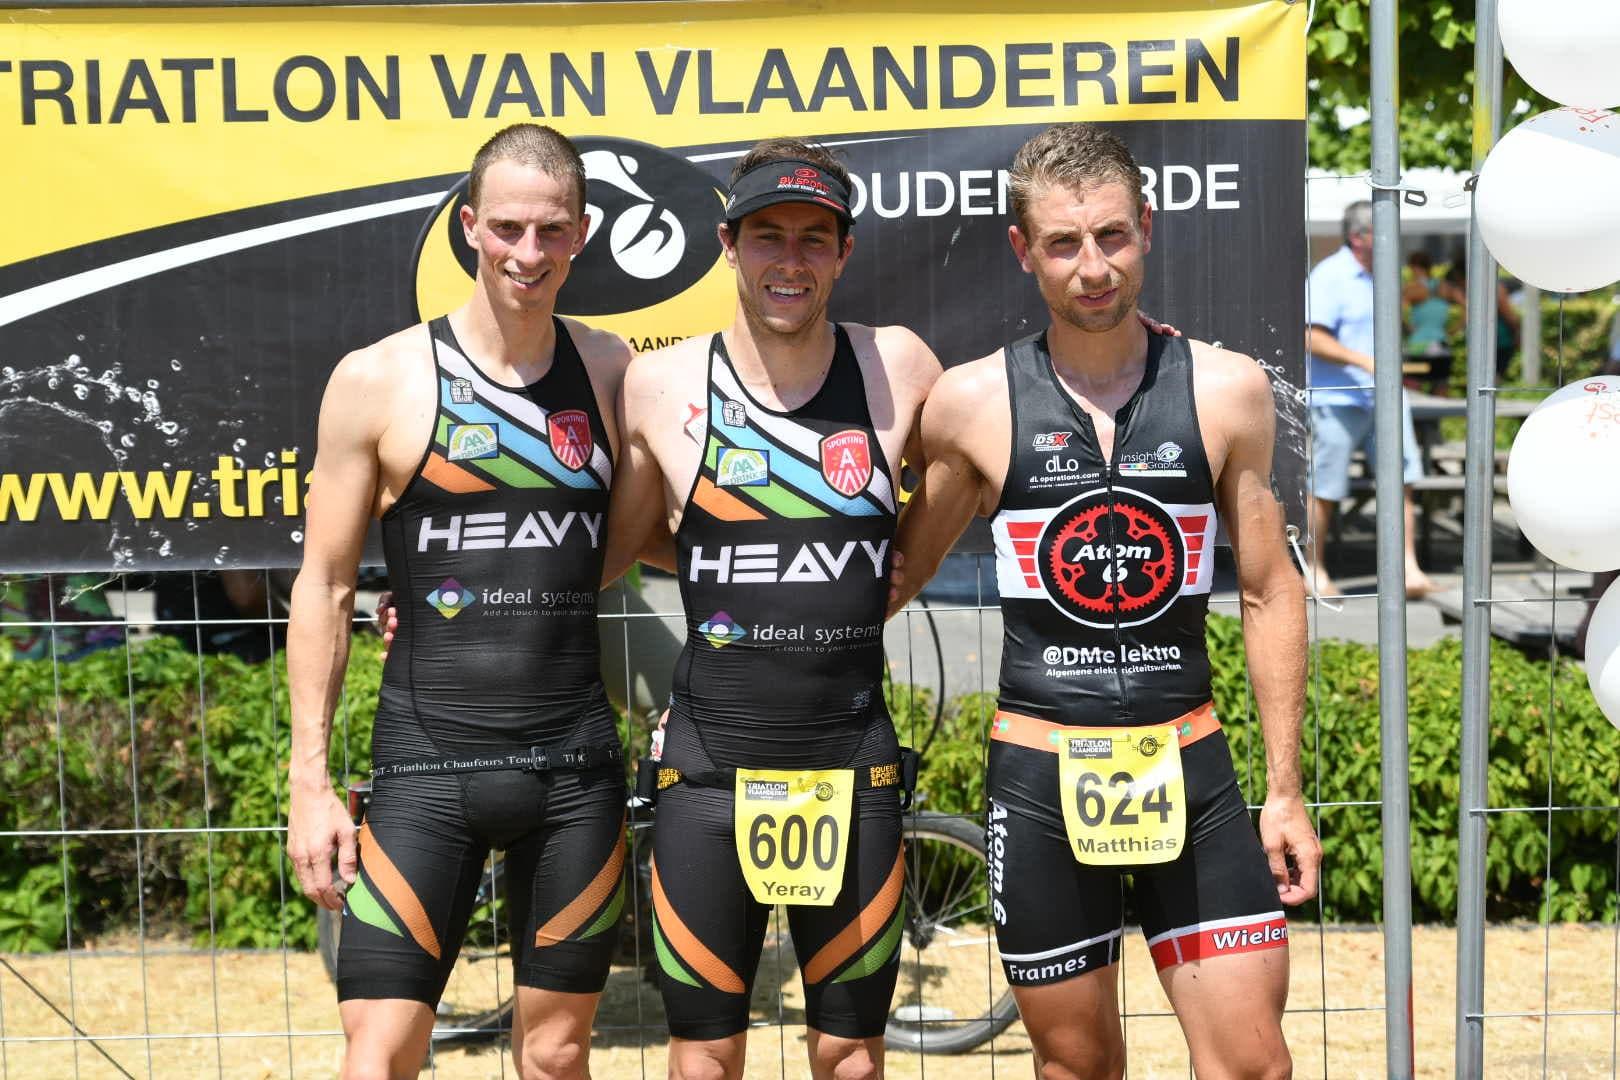 Wouter, yeray en Matthias op het BK (foto: 3athlon.be/Mario Vanacker)